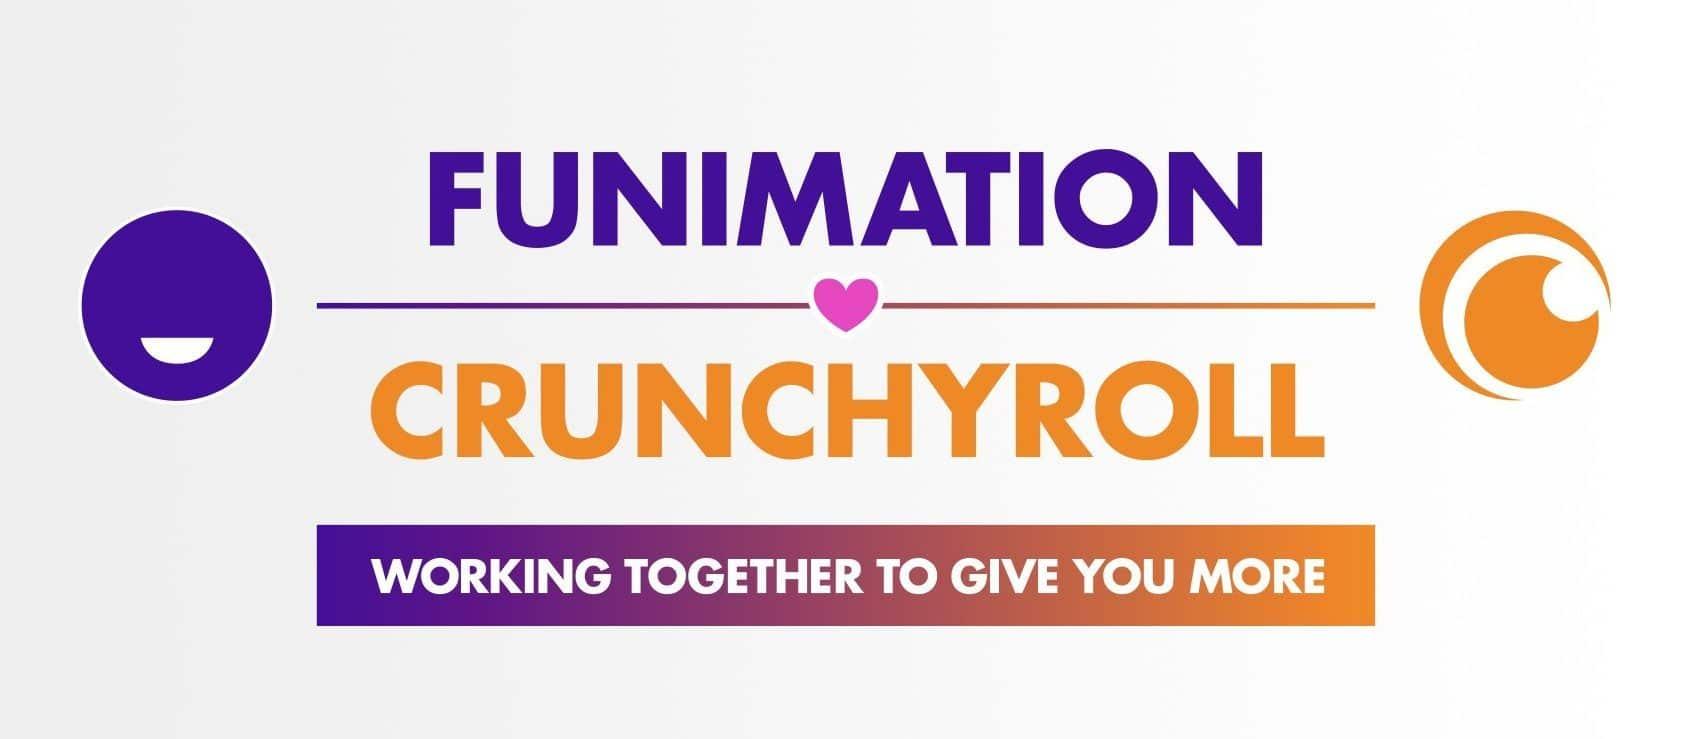 Funimation x Crunchyroll.